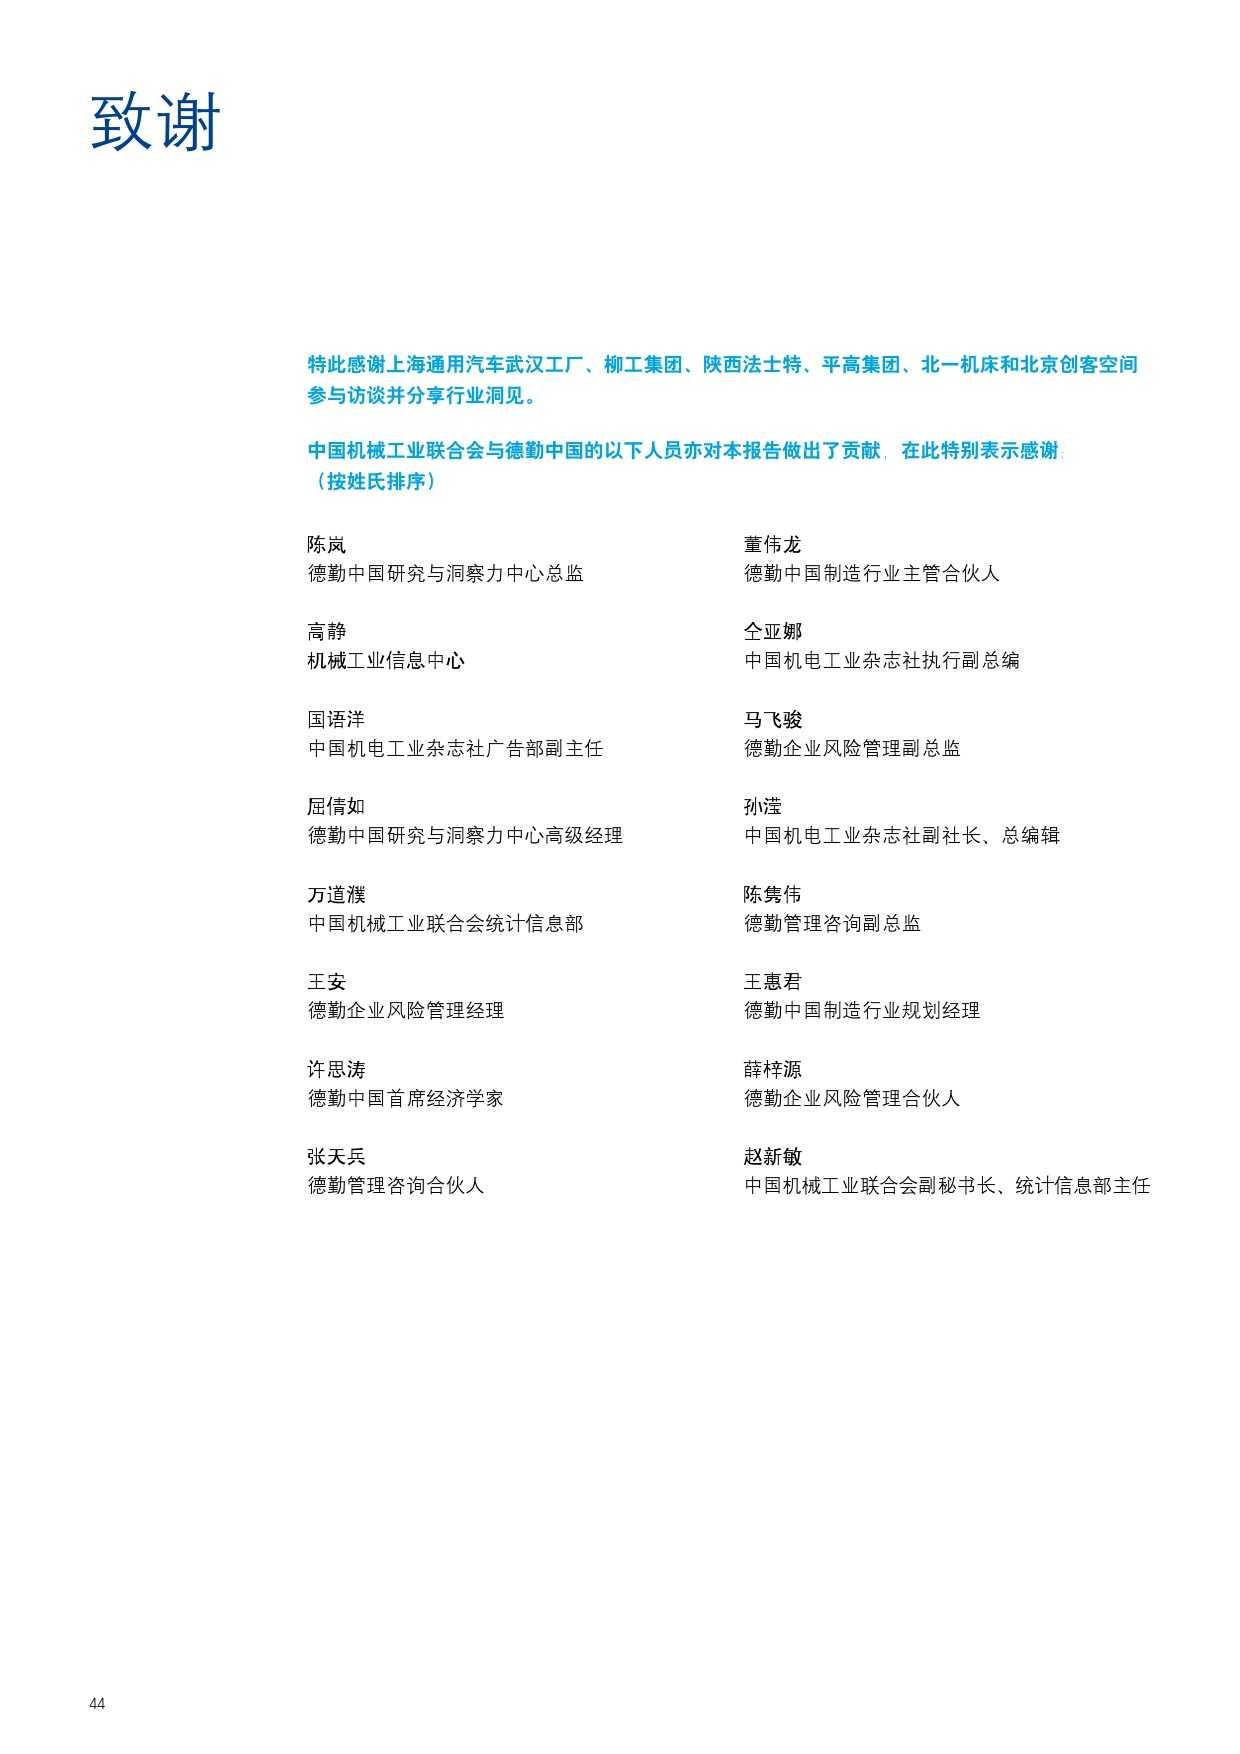 2015年中国制造业企业信息化调查_000046